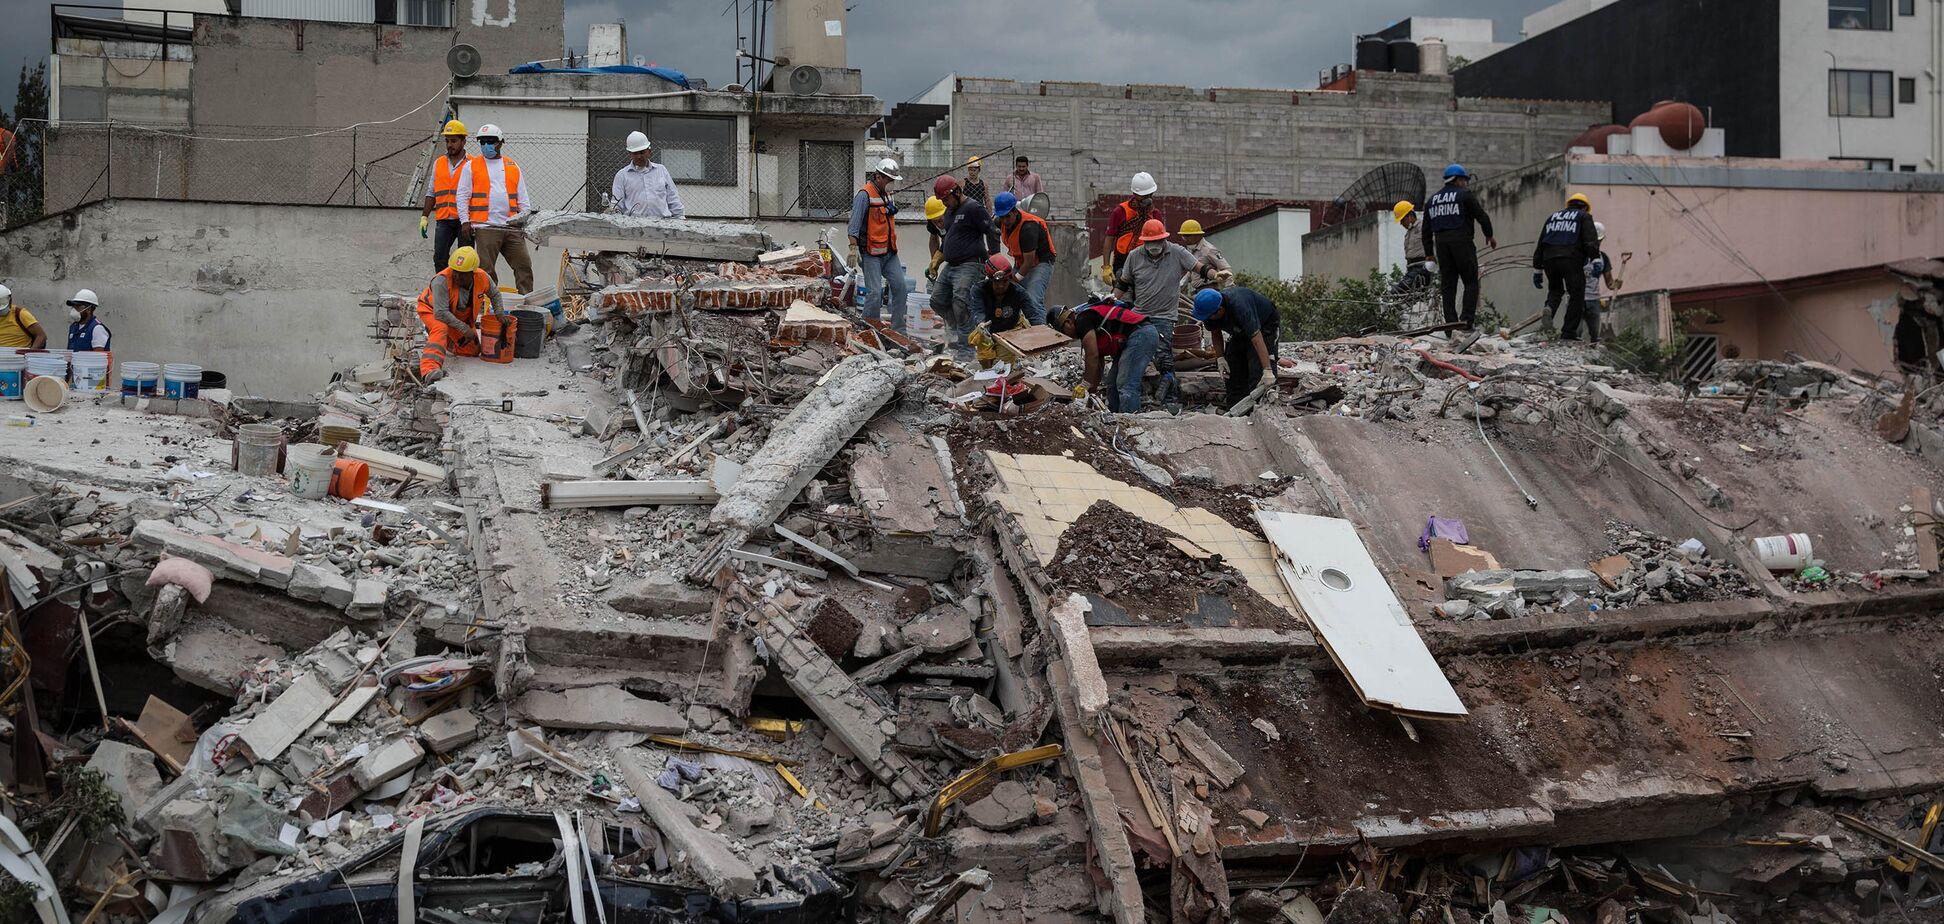 Діти потрапили в пастку: стало відомо про нові жертви землетрусу в Мексиці